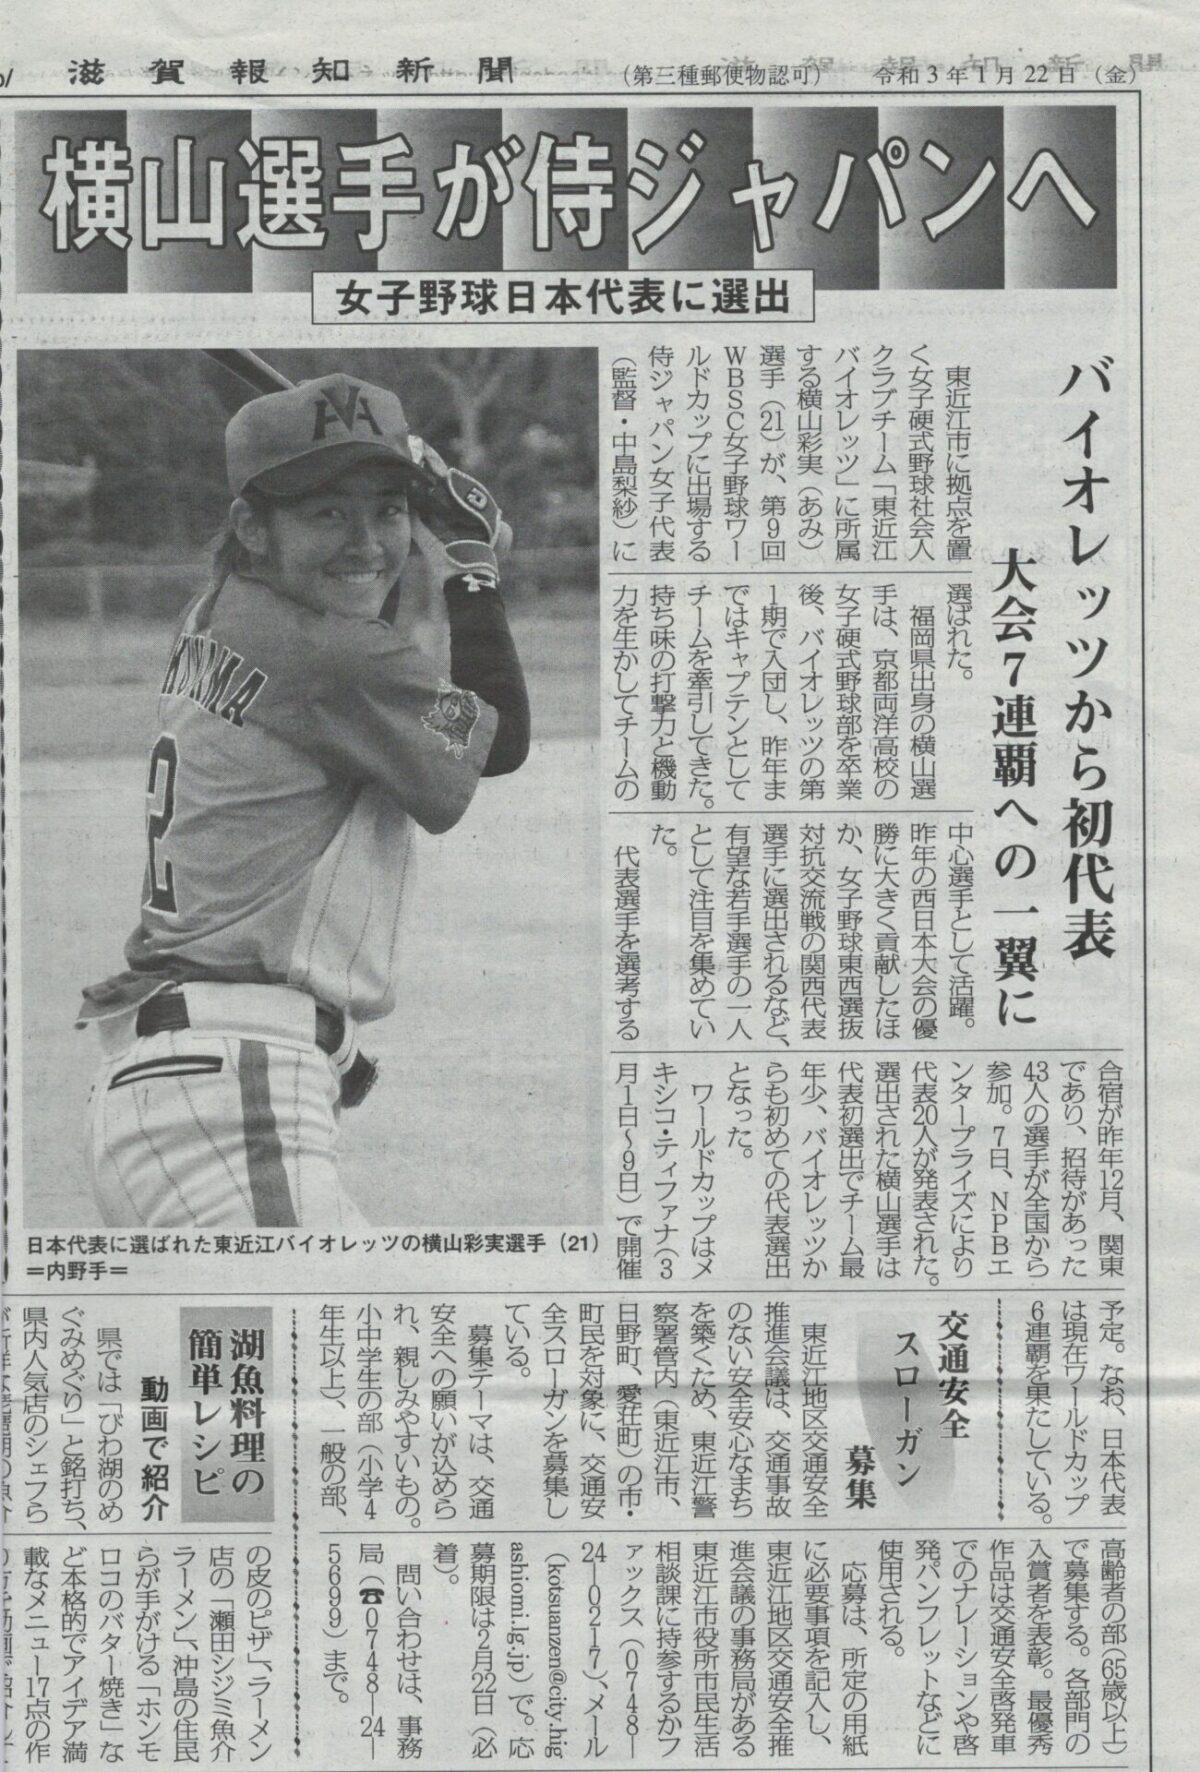 横山選手が侍ジャパンへ